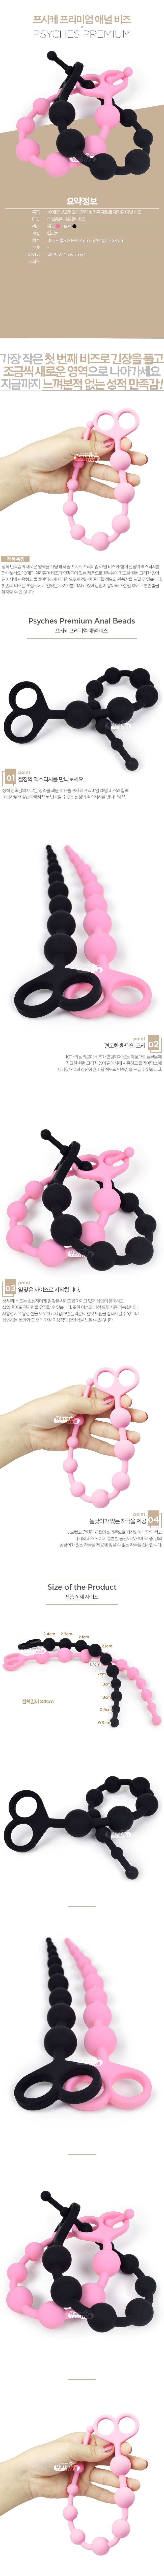 [최고급 실리콘] 프시케 프리미엄 애널 비즈(Psyches Premium Anal Beads) - 최고급 실리콘/러브토이(31011) (LVT)